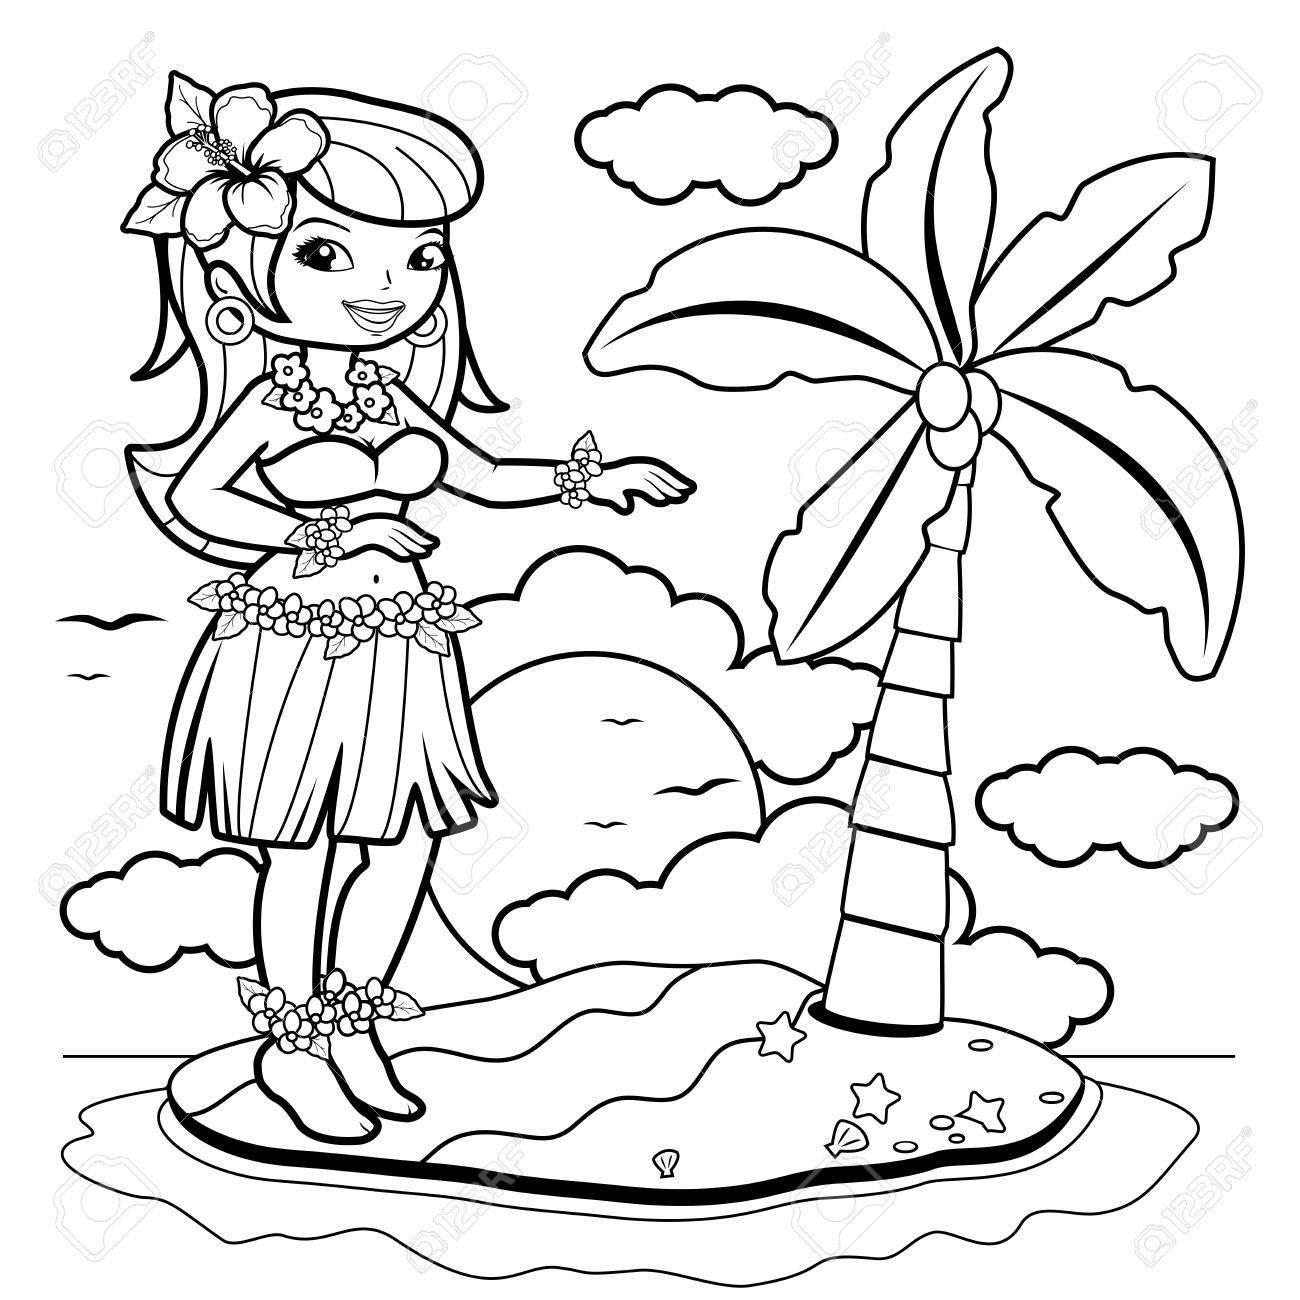 Coloriage De Danseuse De Hula.Femme Hawaienne Danseuse Hula Sur Une Ile Page De Coloriage Clip